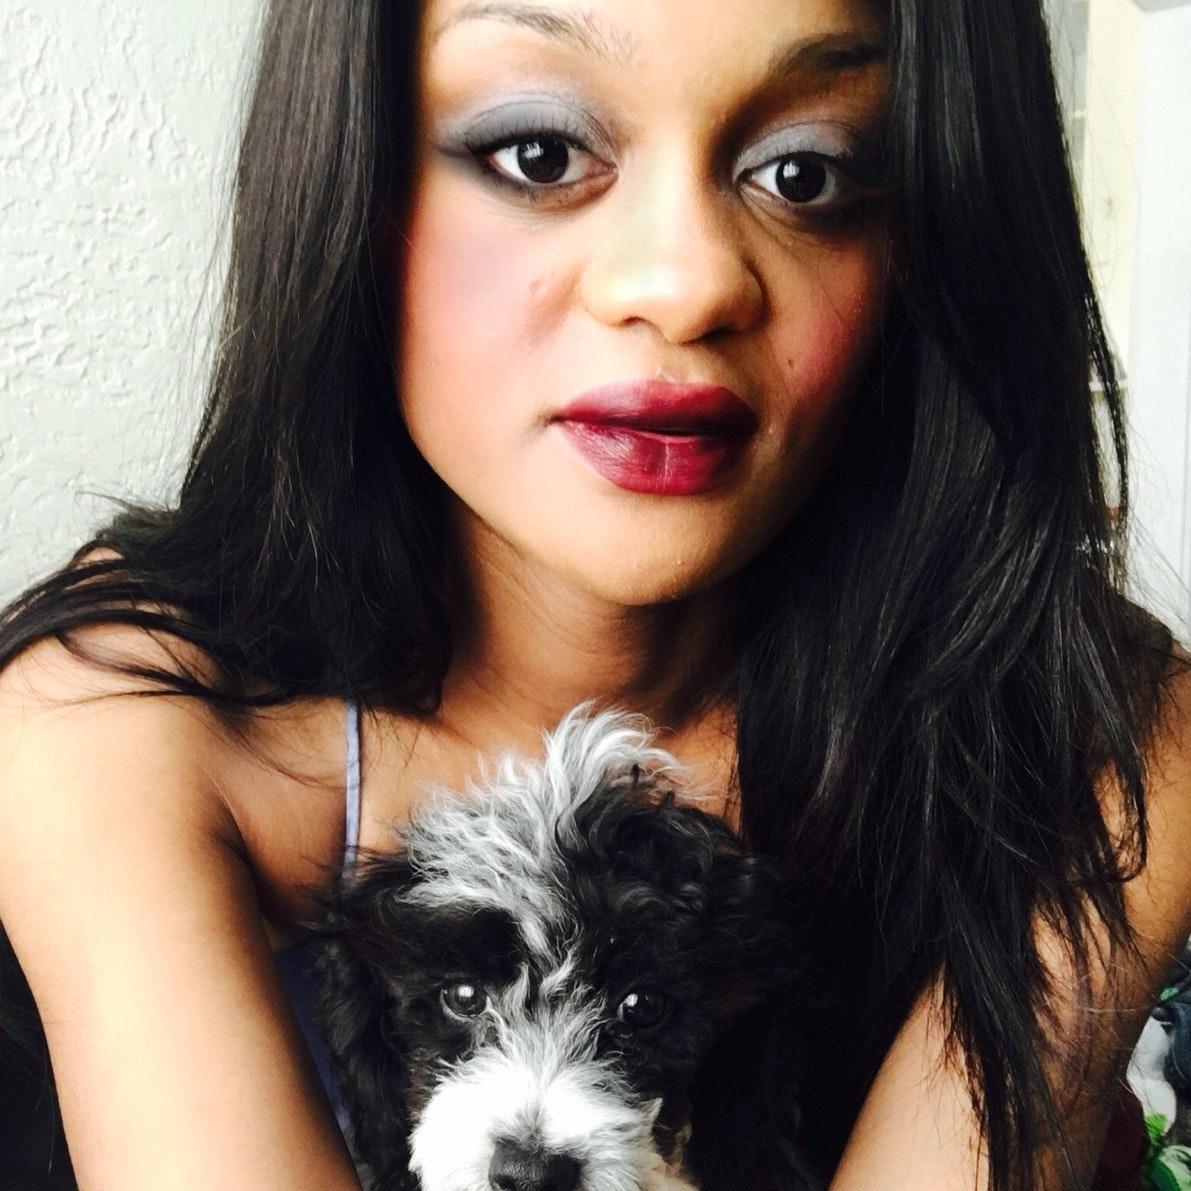 dog walker Younniaa